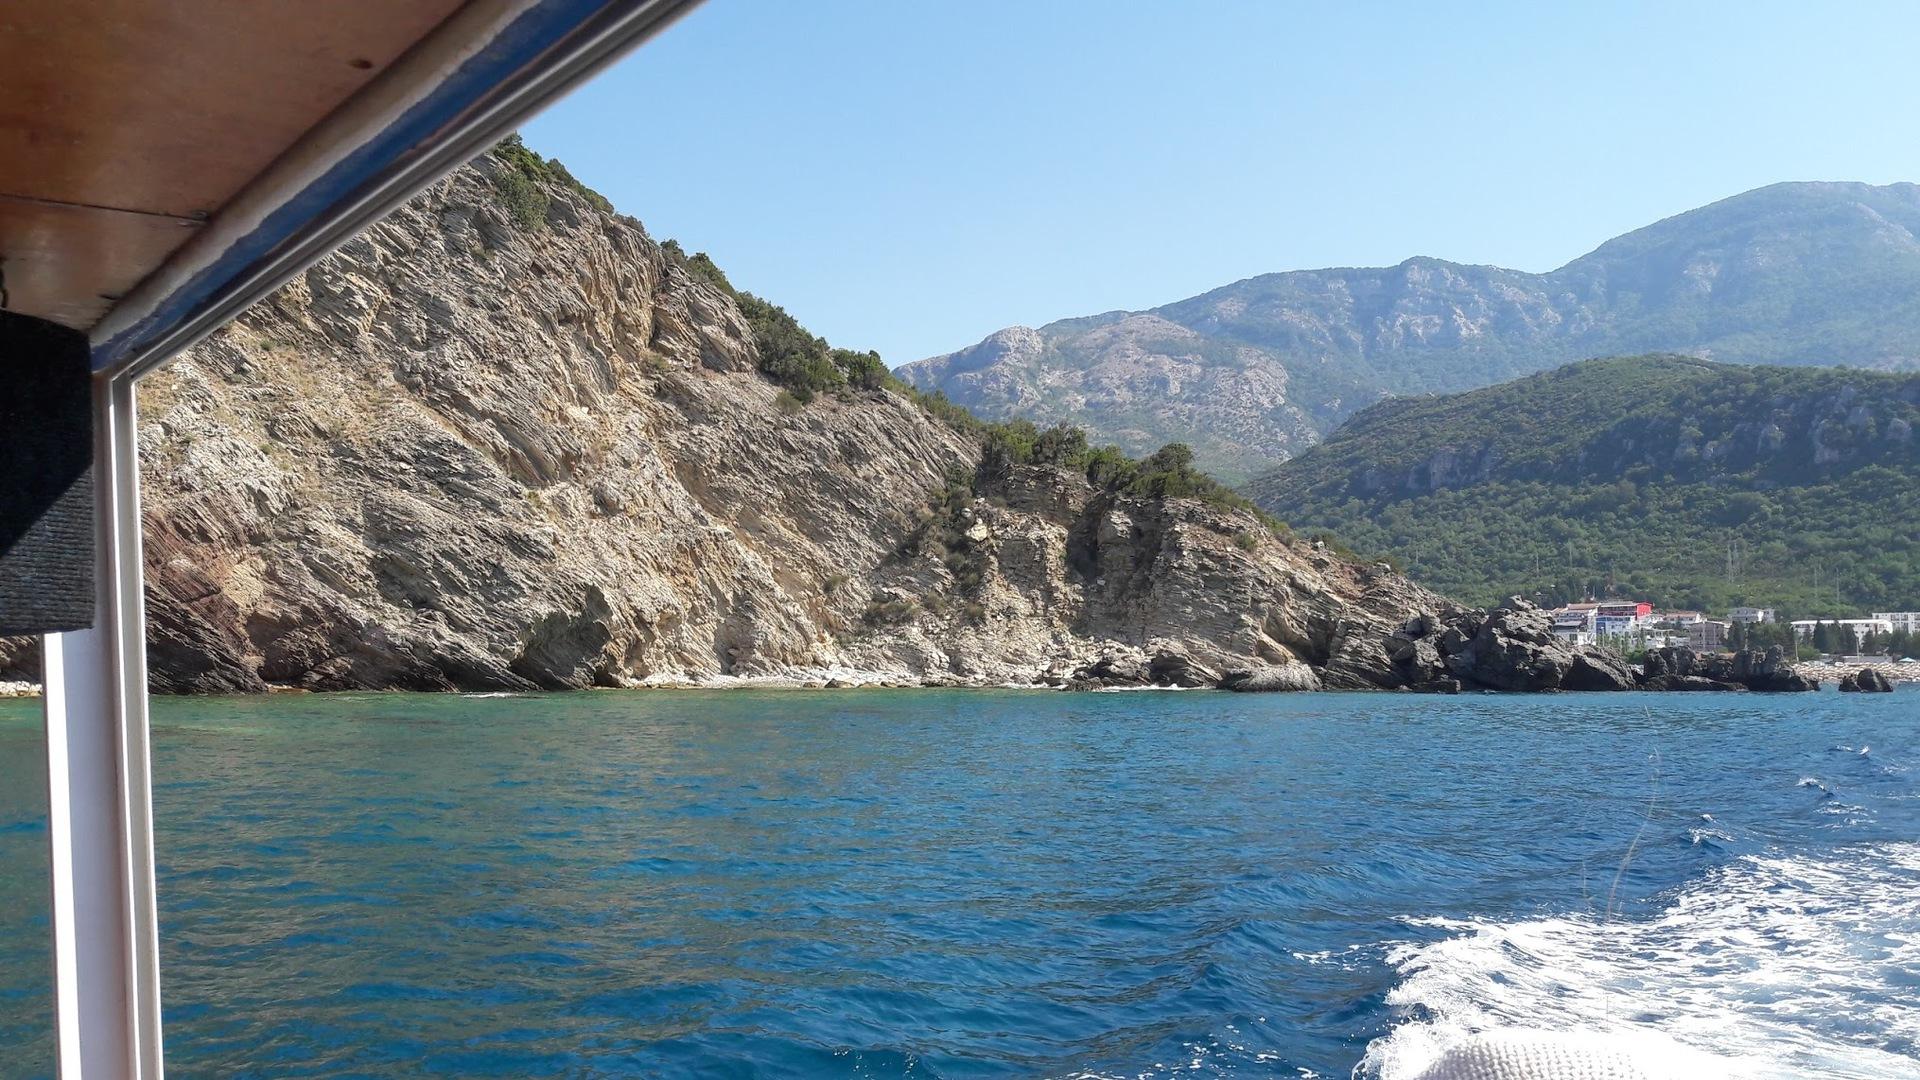 свое слово обала фонтана черногория фото ветвях абрикоса